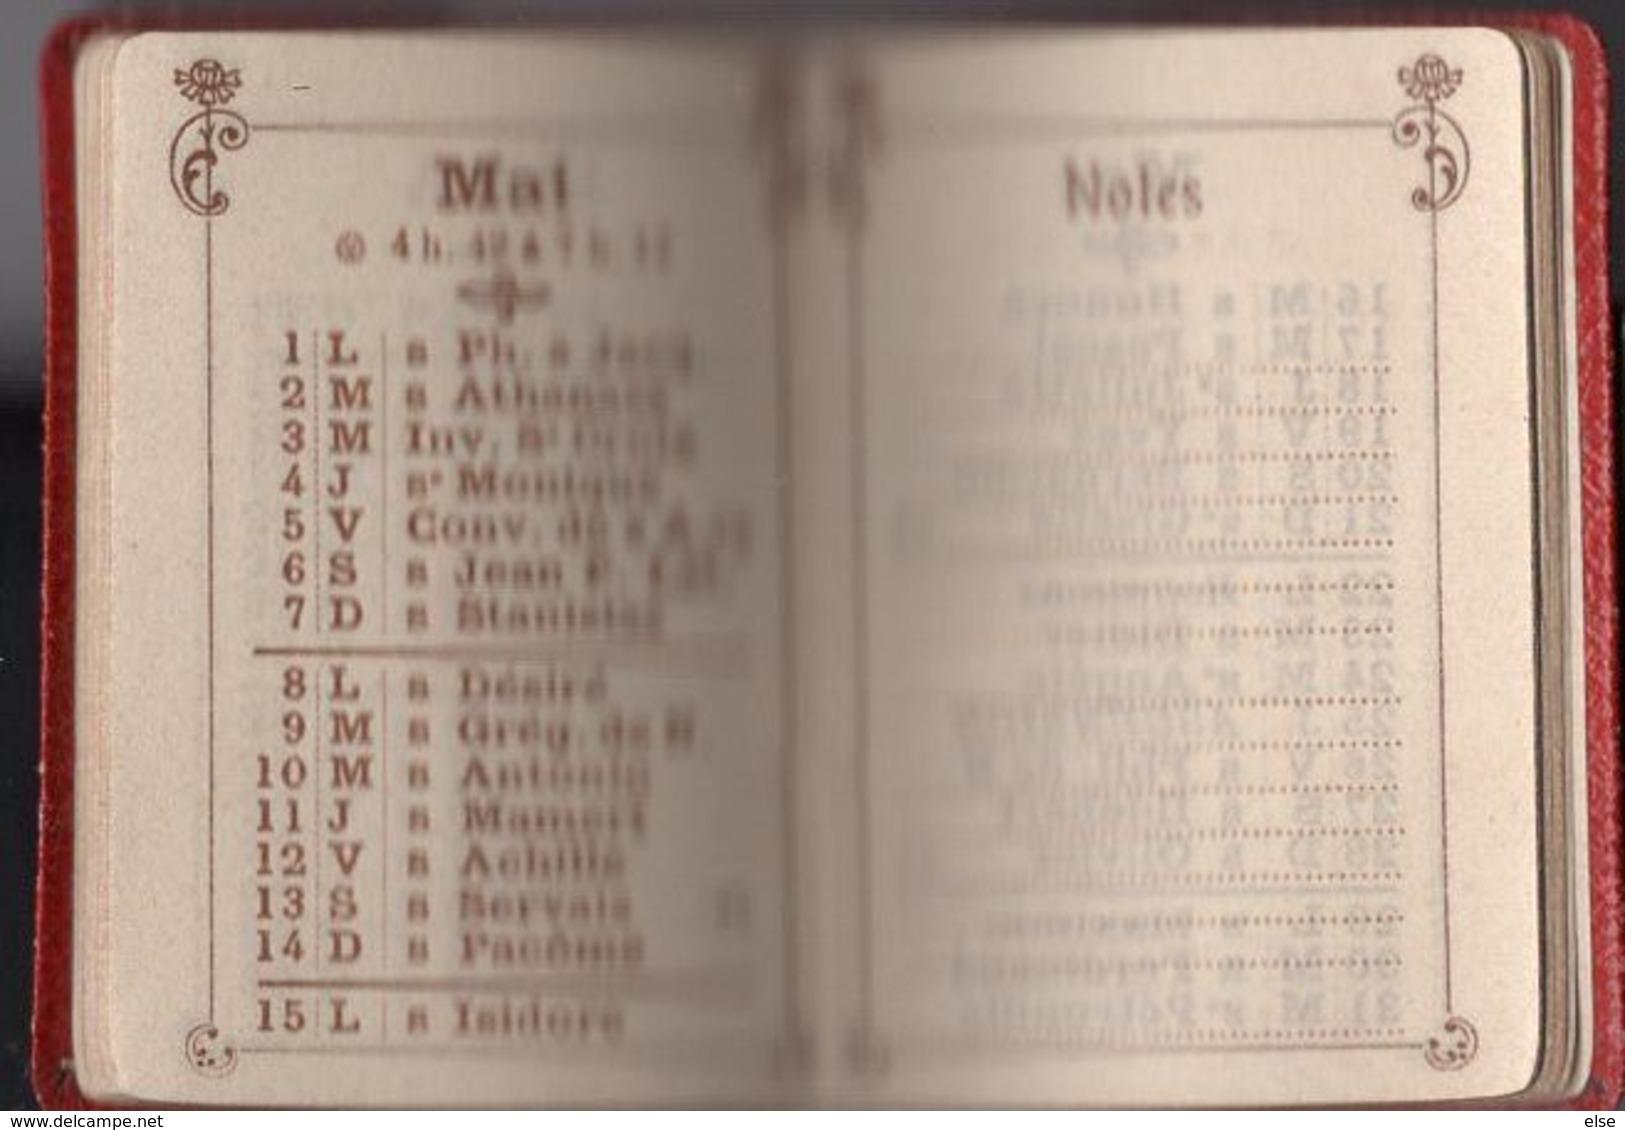 PETIT ALMANACH 1911 CALENDRIER AVEC NOTES  PUBLICITAIRE LIBRAIRIE Vve DUVAL  PAU - Klein Formaat: 1901-20